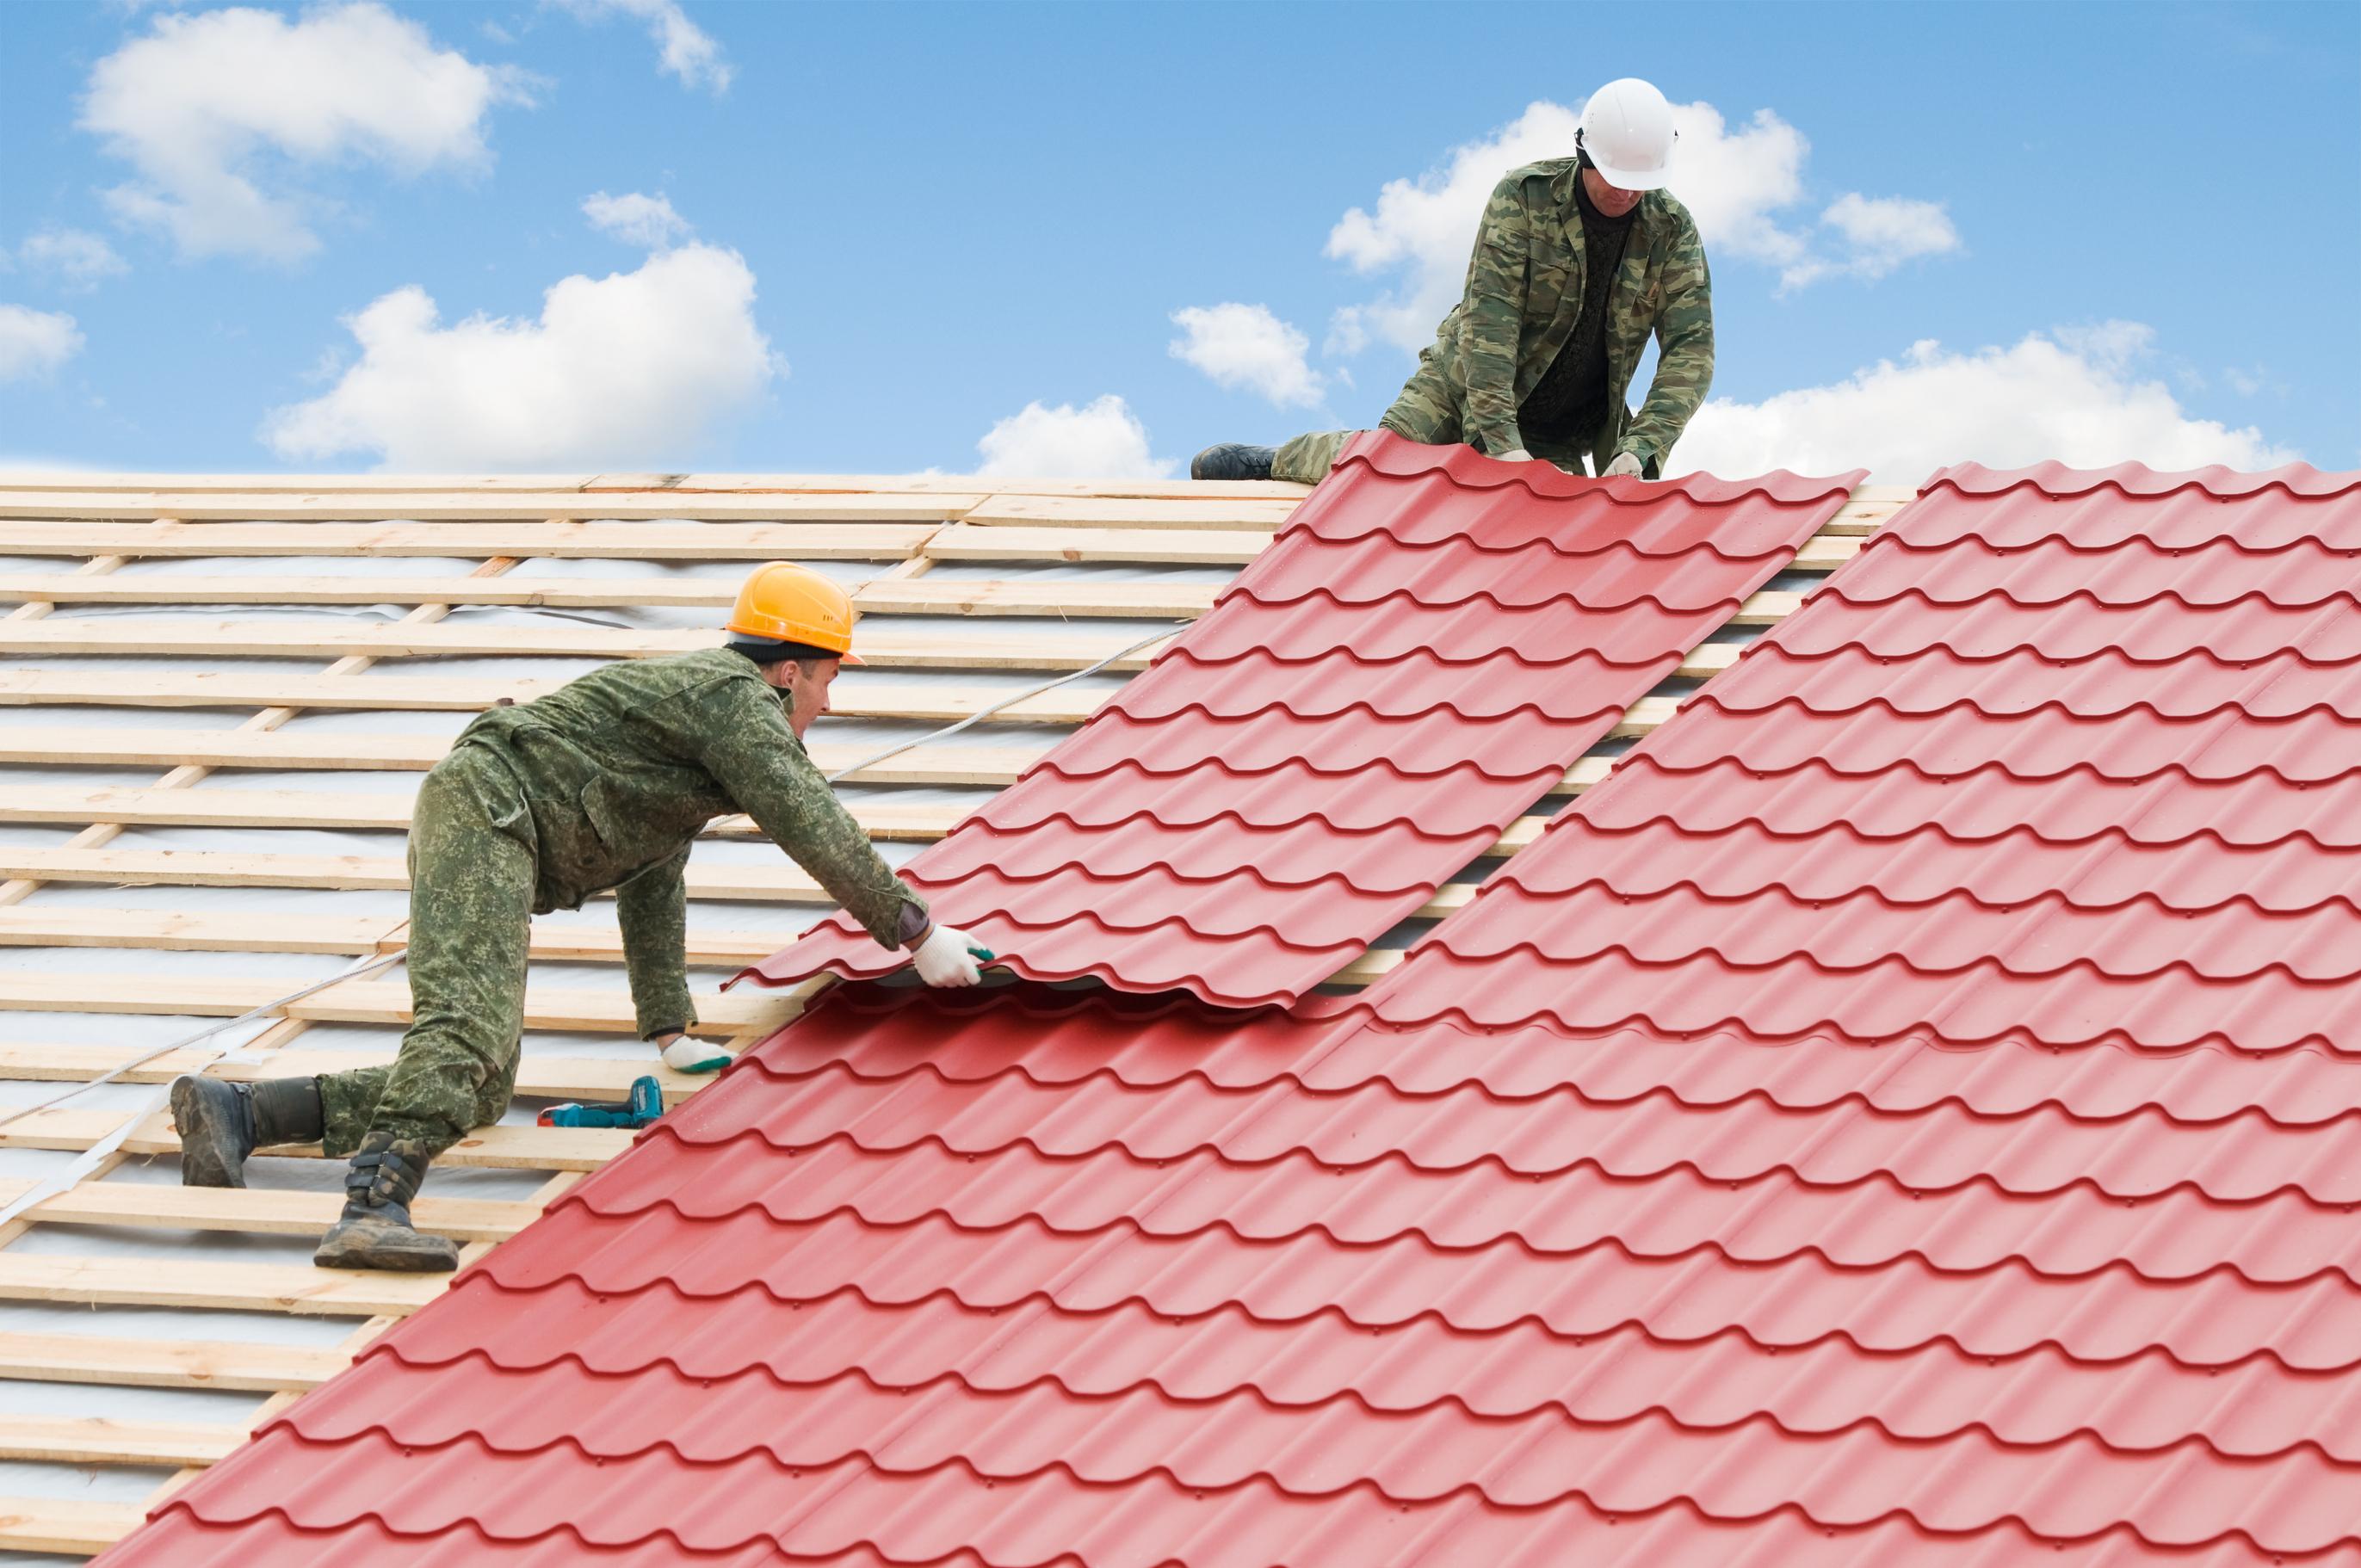 Roof-Repair-los-angeles